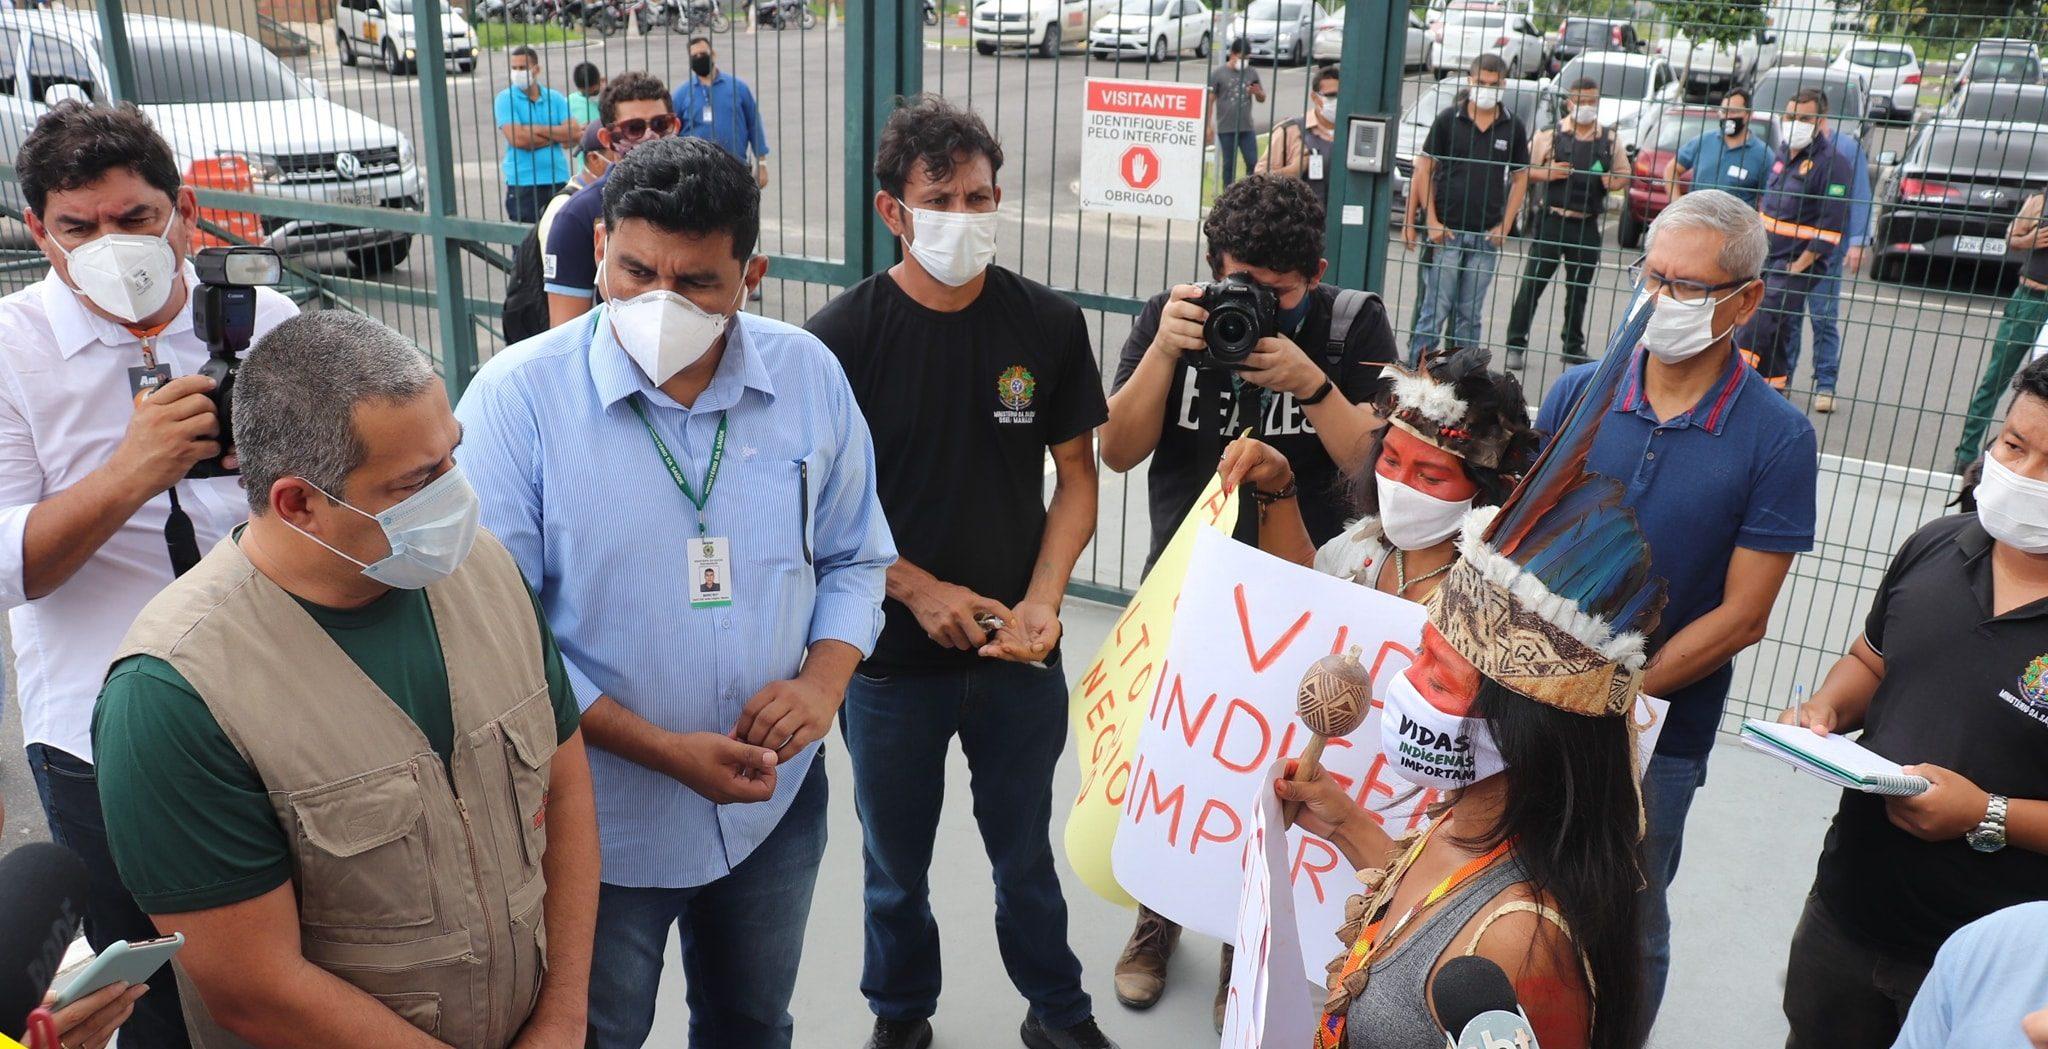 Coronavírus: como um protesto de três mulheres indígenas mudou o atendimento de saúde no Parque das Tribos